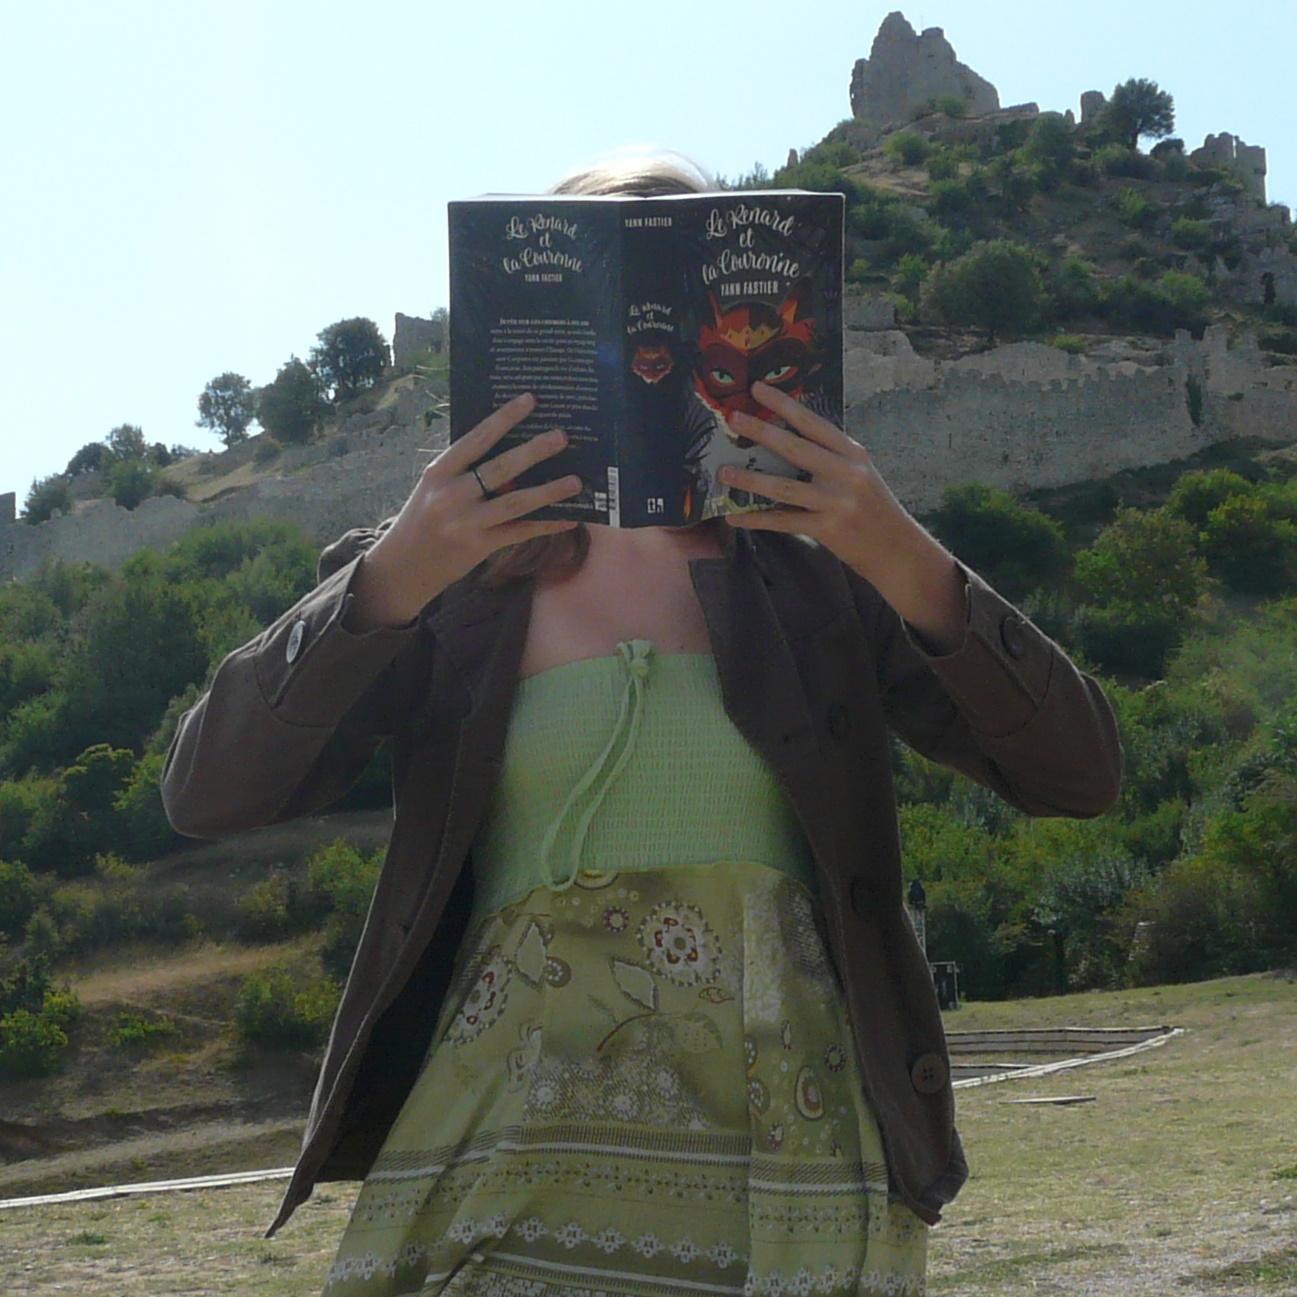 femme en robe verte et veste marron lisant Le Renard et la Couronne devant une ruine, les cheveux agités par le vent